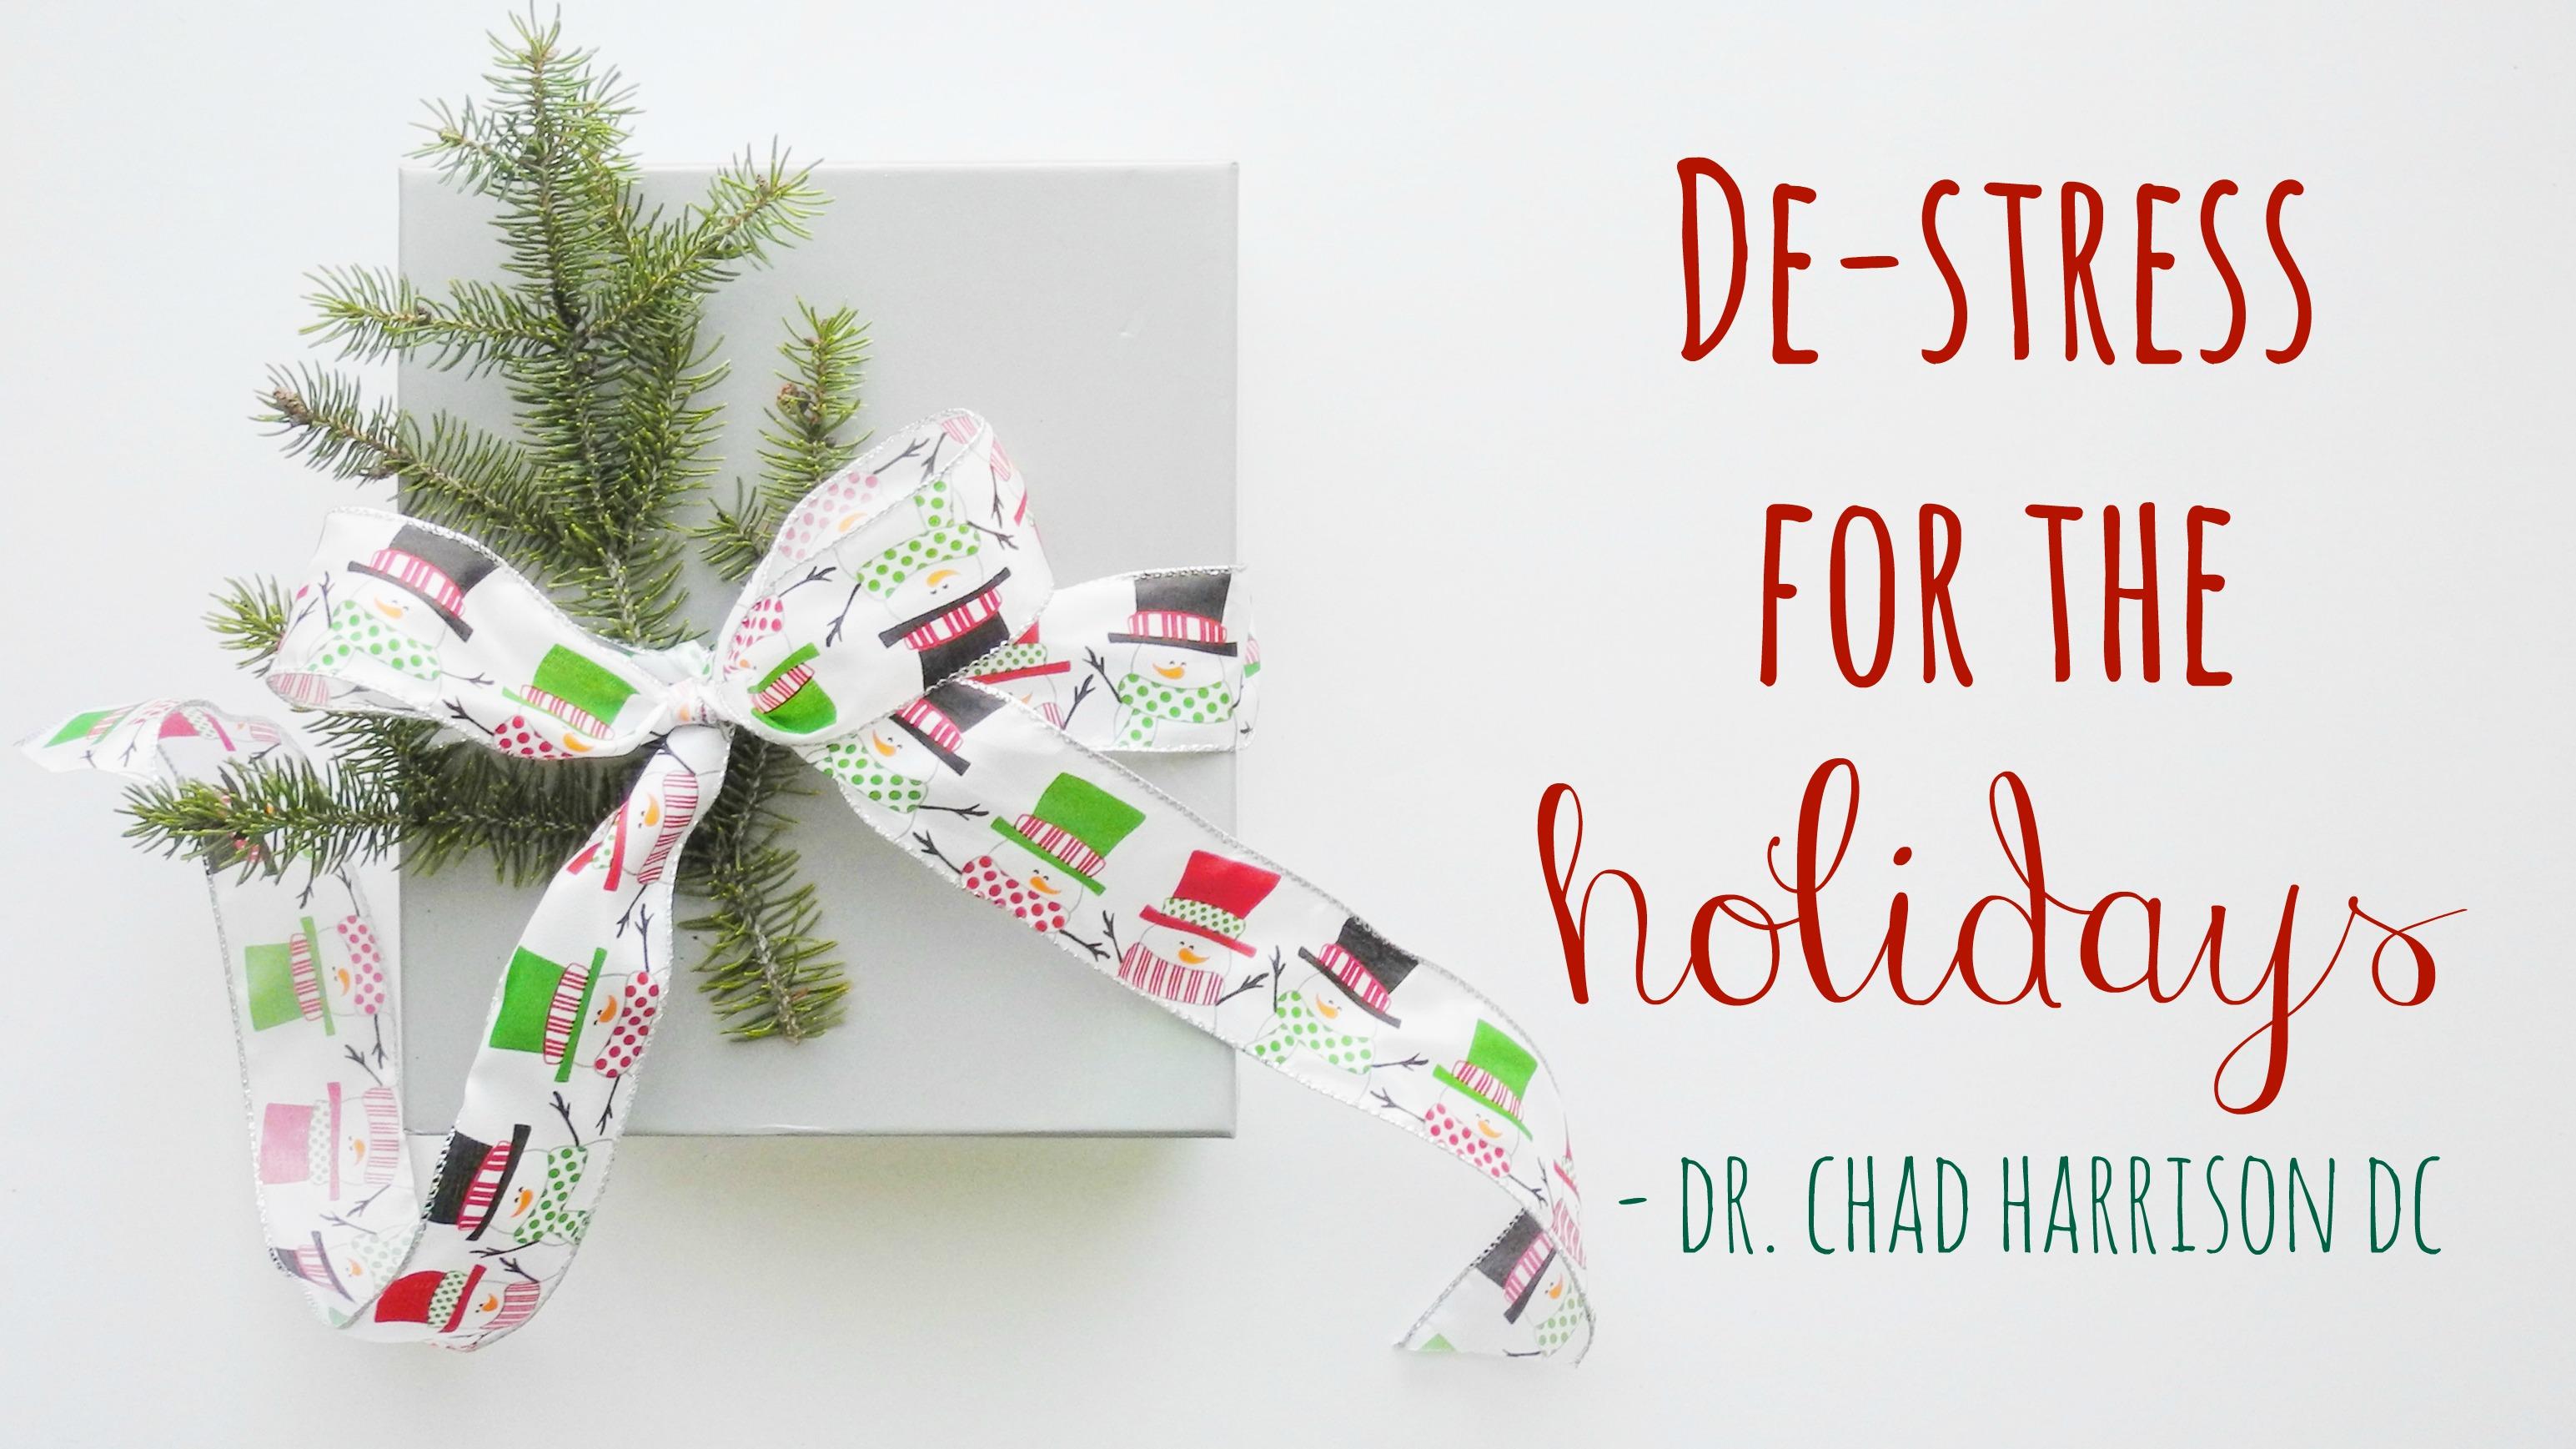 de-stress for the holidays (1)